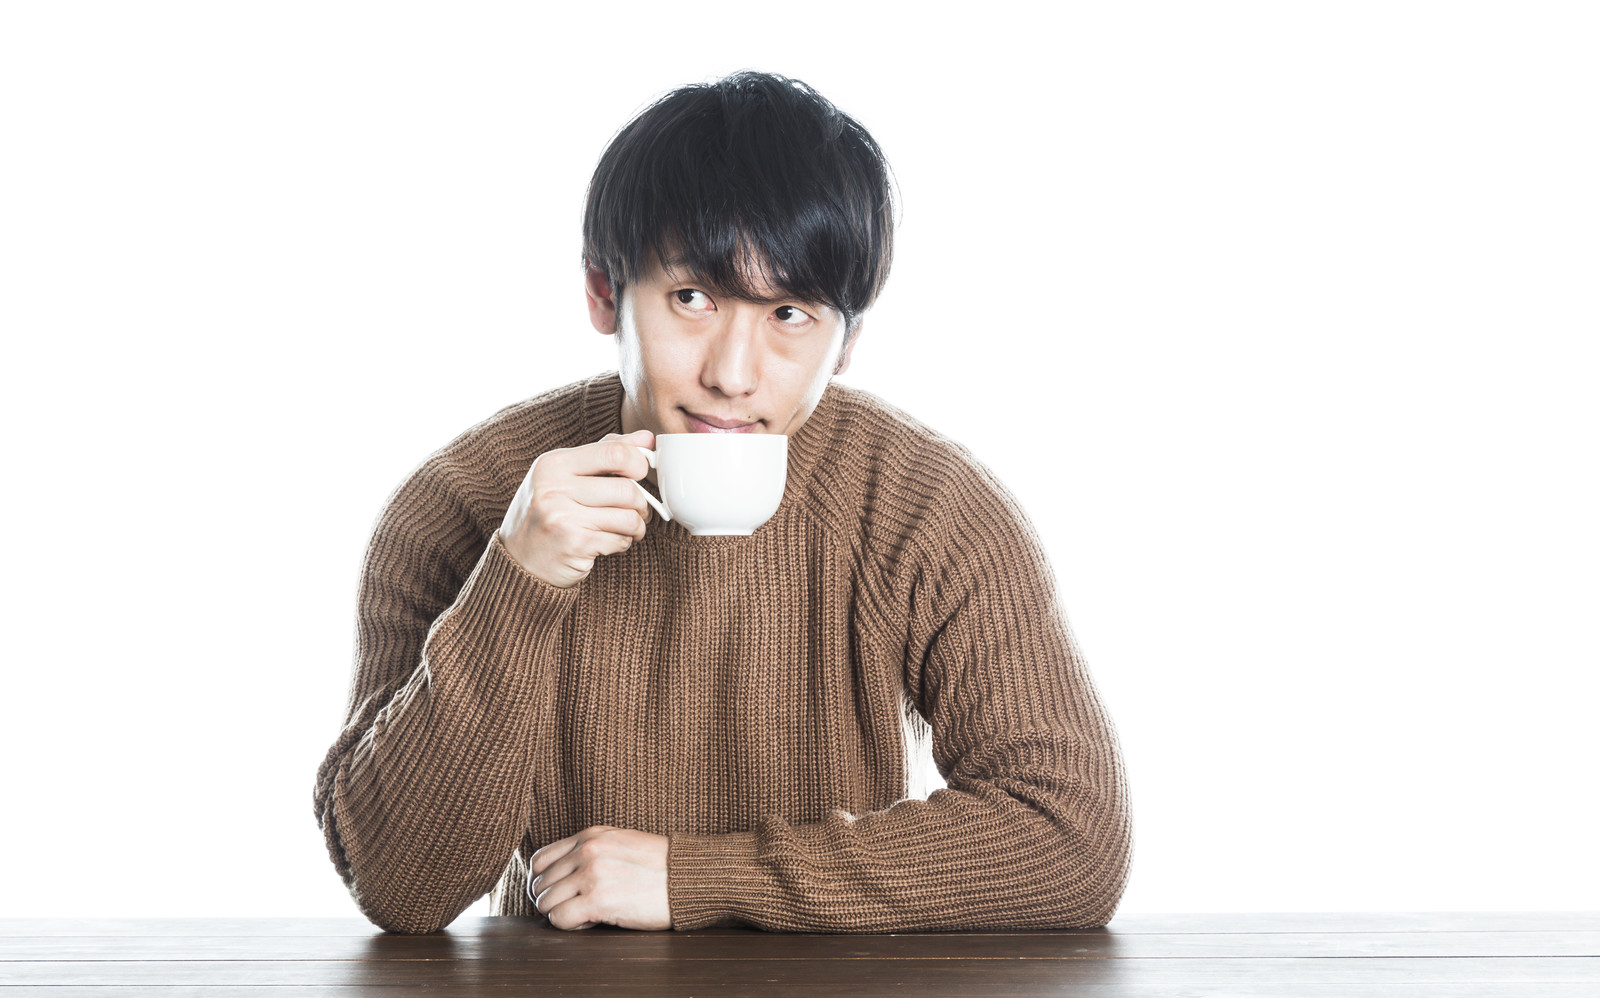 「コーヒーでホッとひといきコーヒーでホッとひといき」[モデル:大川竜弥]のフリー写真素材を拡大